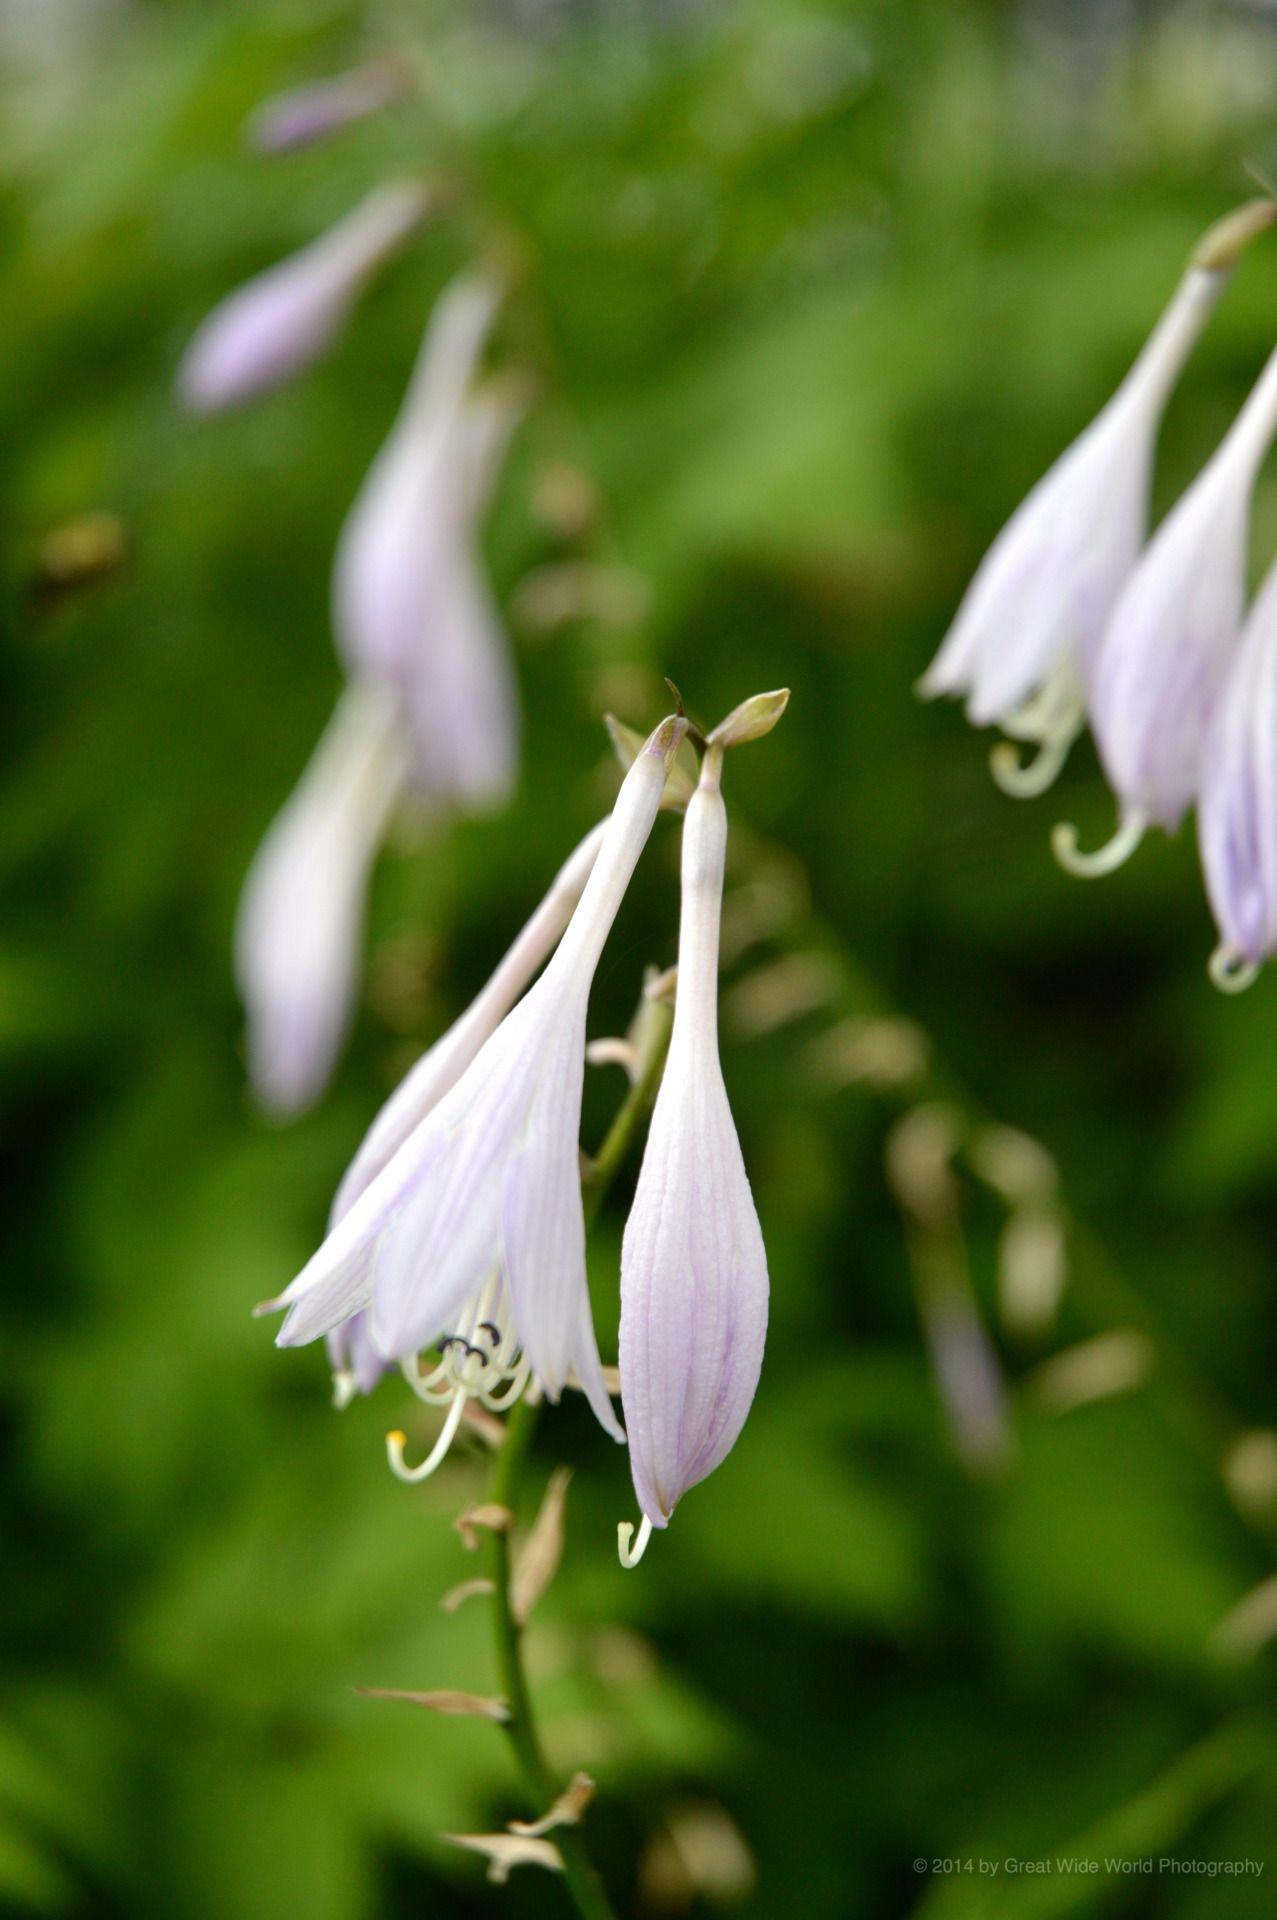 17 best ideas about fleurs livrer on pinterest coccinelle insecte sorte d oiseau and photo - Larve de coccinelle ...